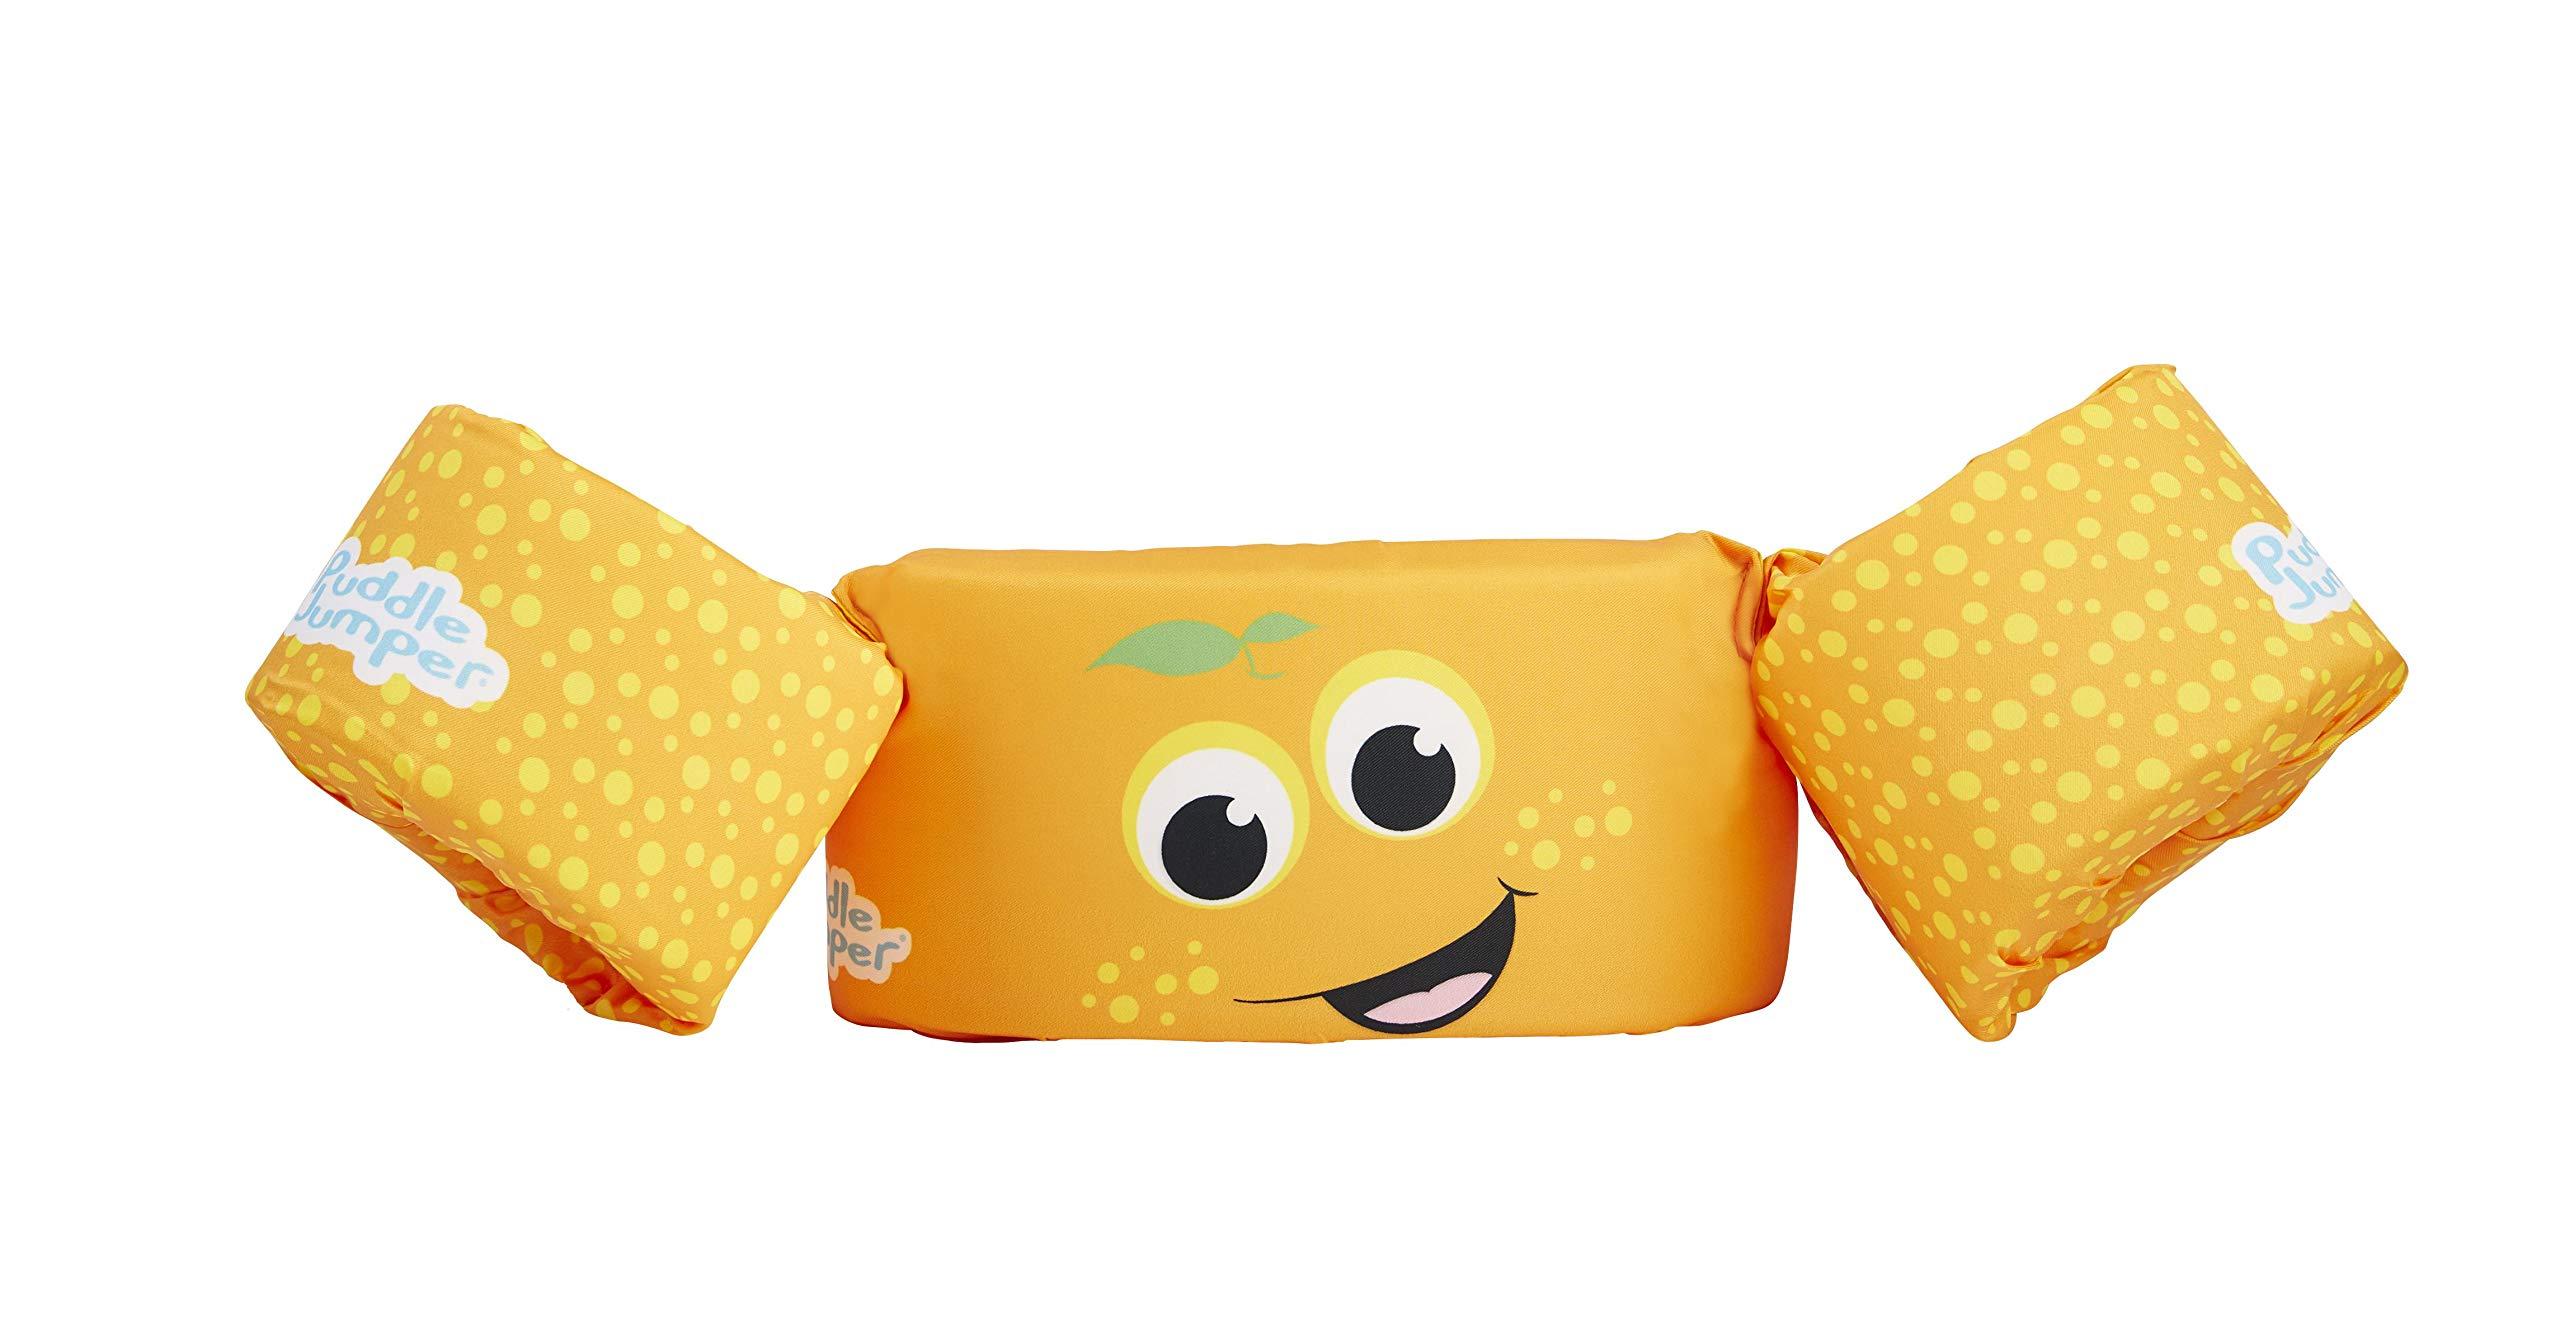 Stearns Puddle Jumper Kids Life Jacket   Life Vest for Children, Orange, 30-50 Pounds